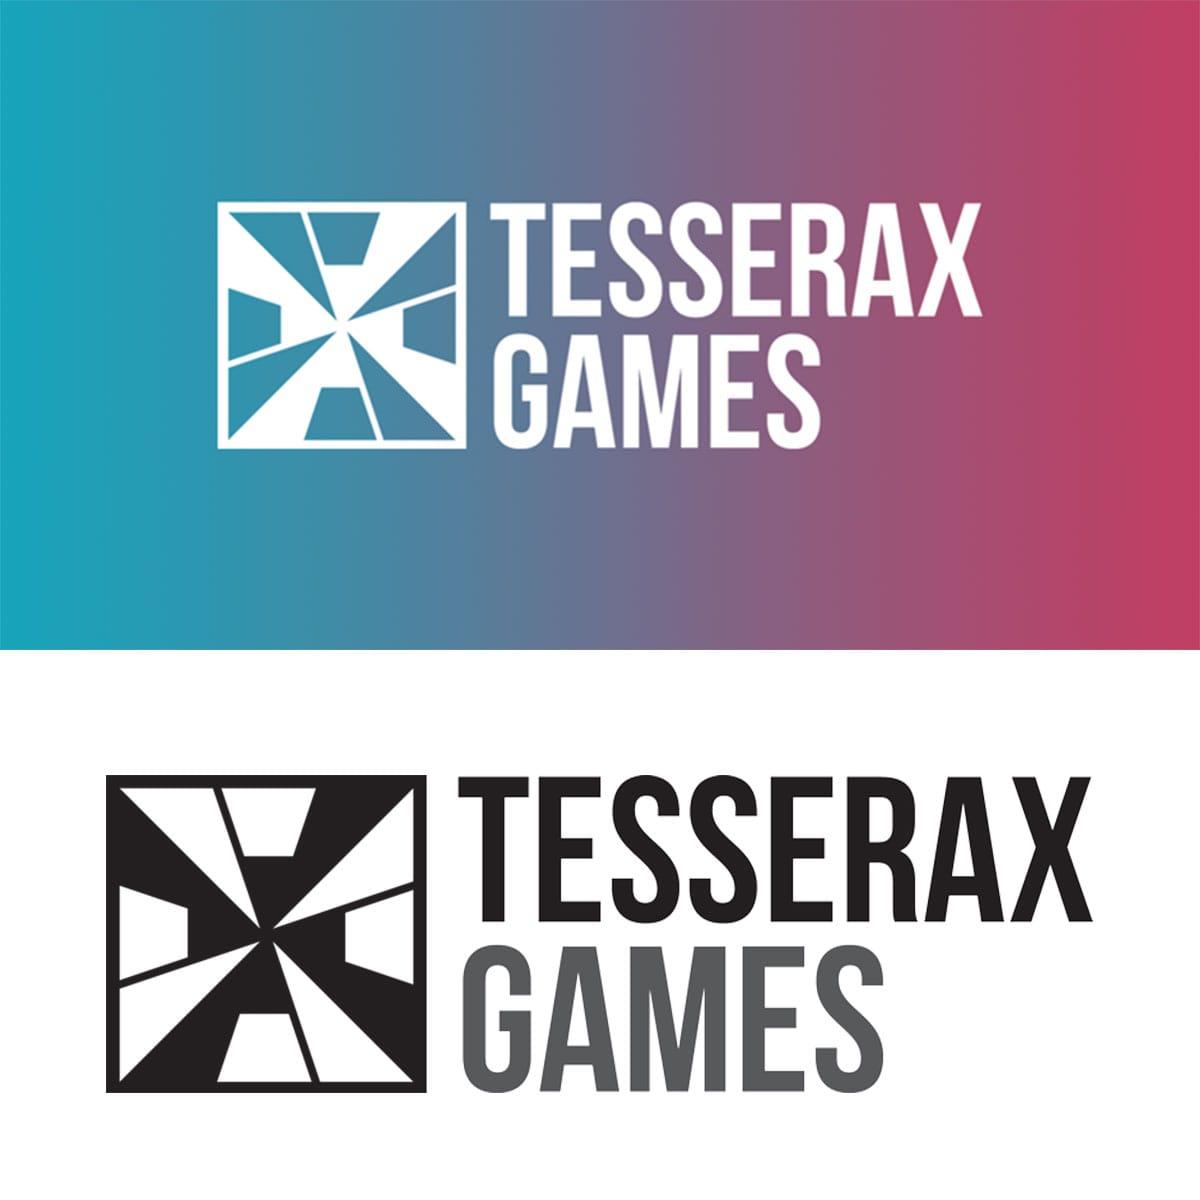 Tesserax ficticious company logo